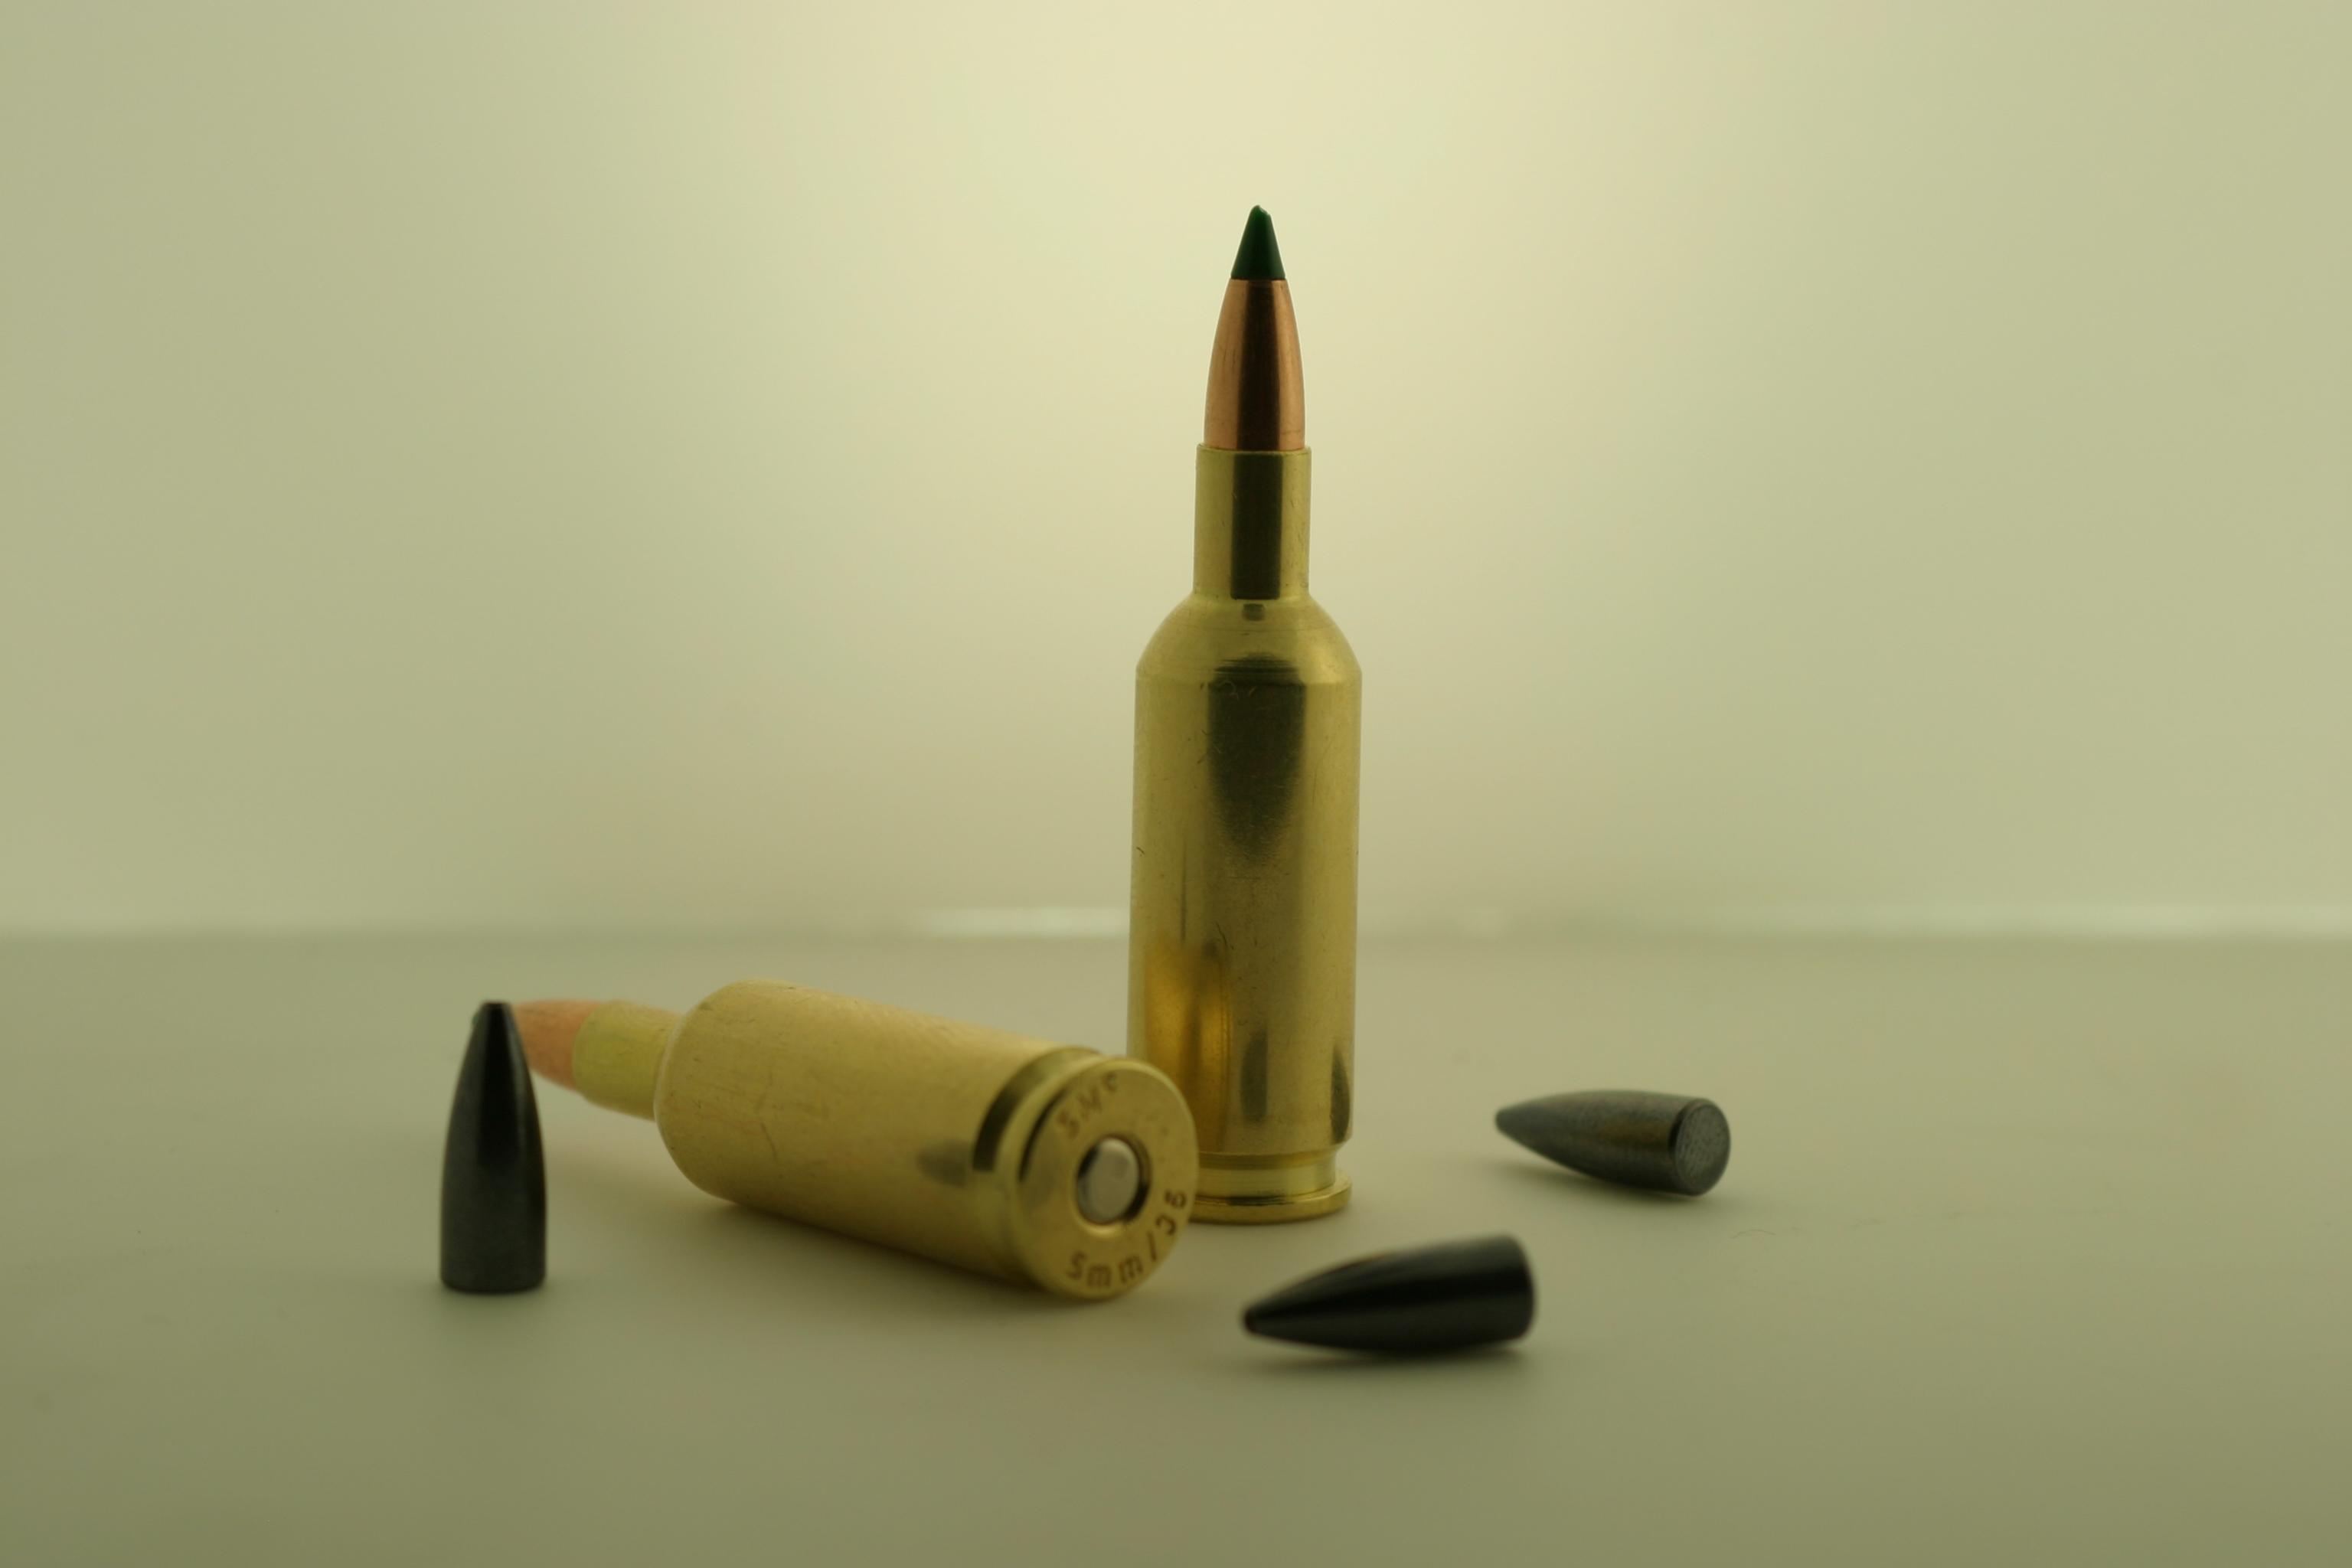 Bullet Size Chart For Reloading: 5mm-35 SMc Ammo.jpg - Wikimedia Commons,Chart